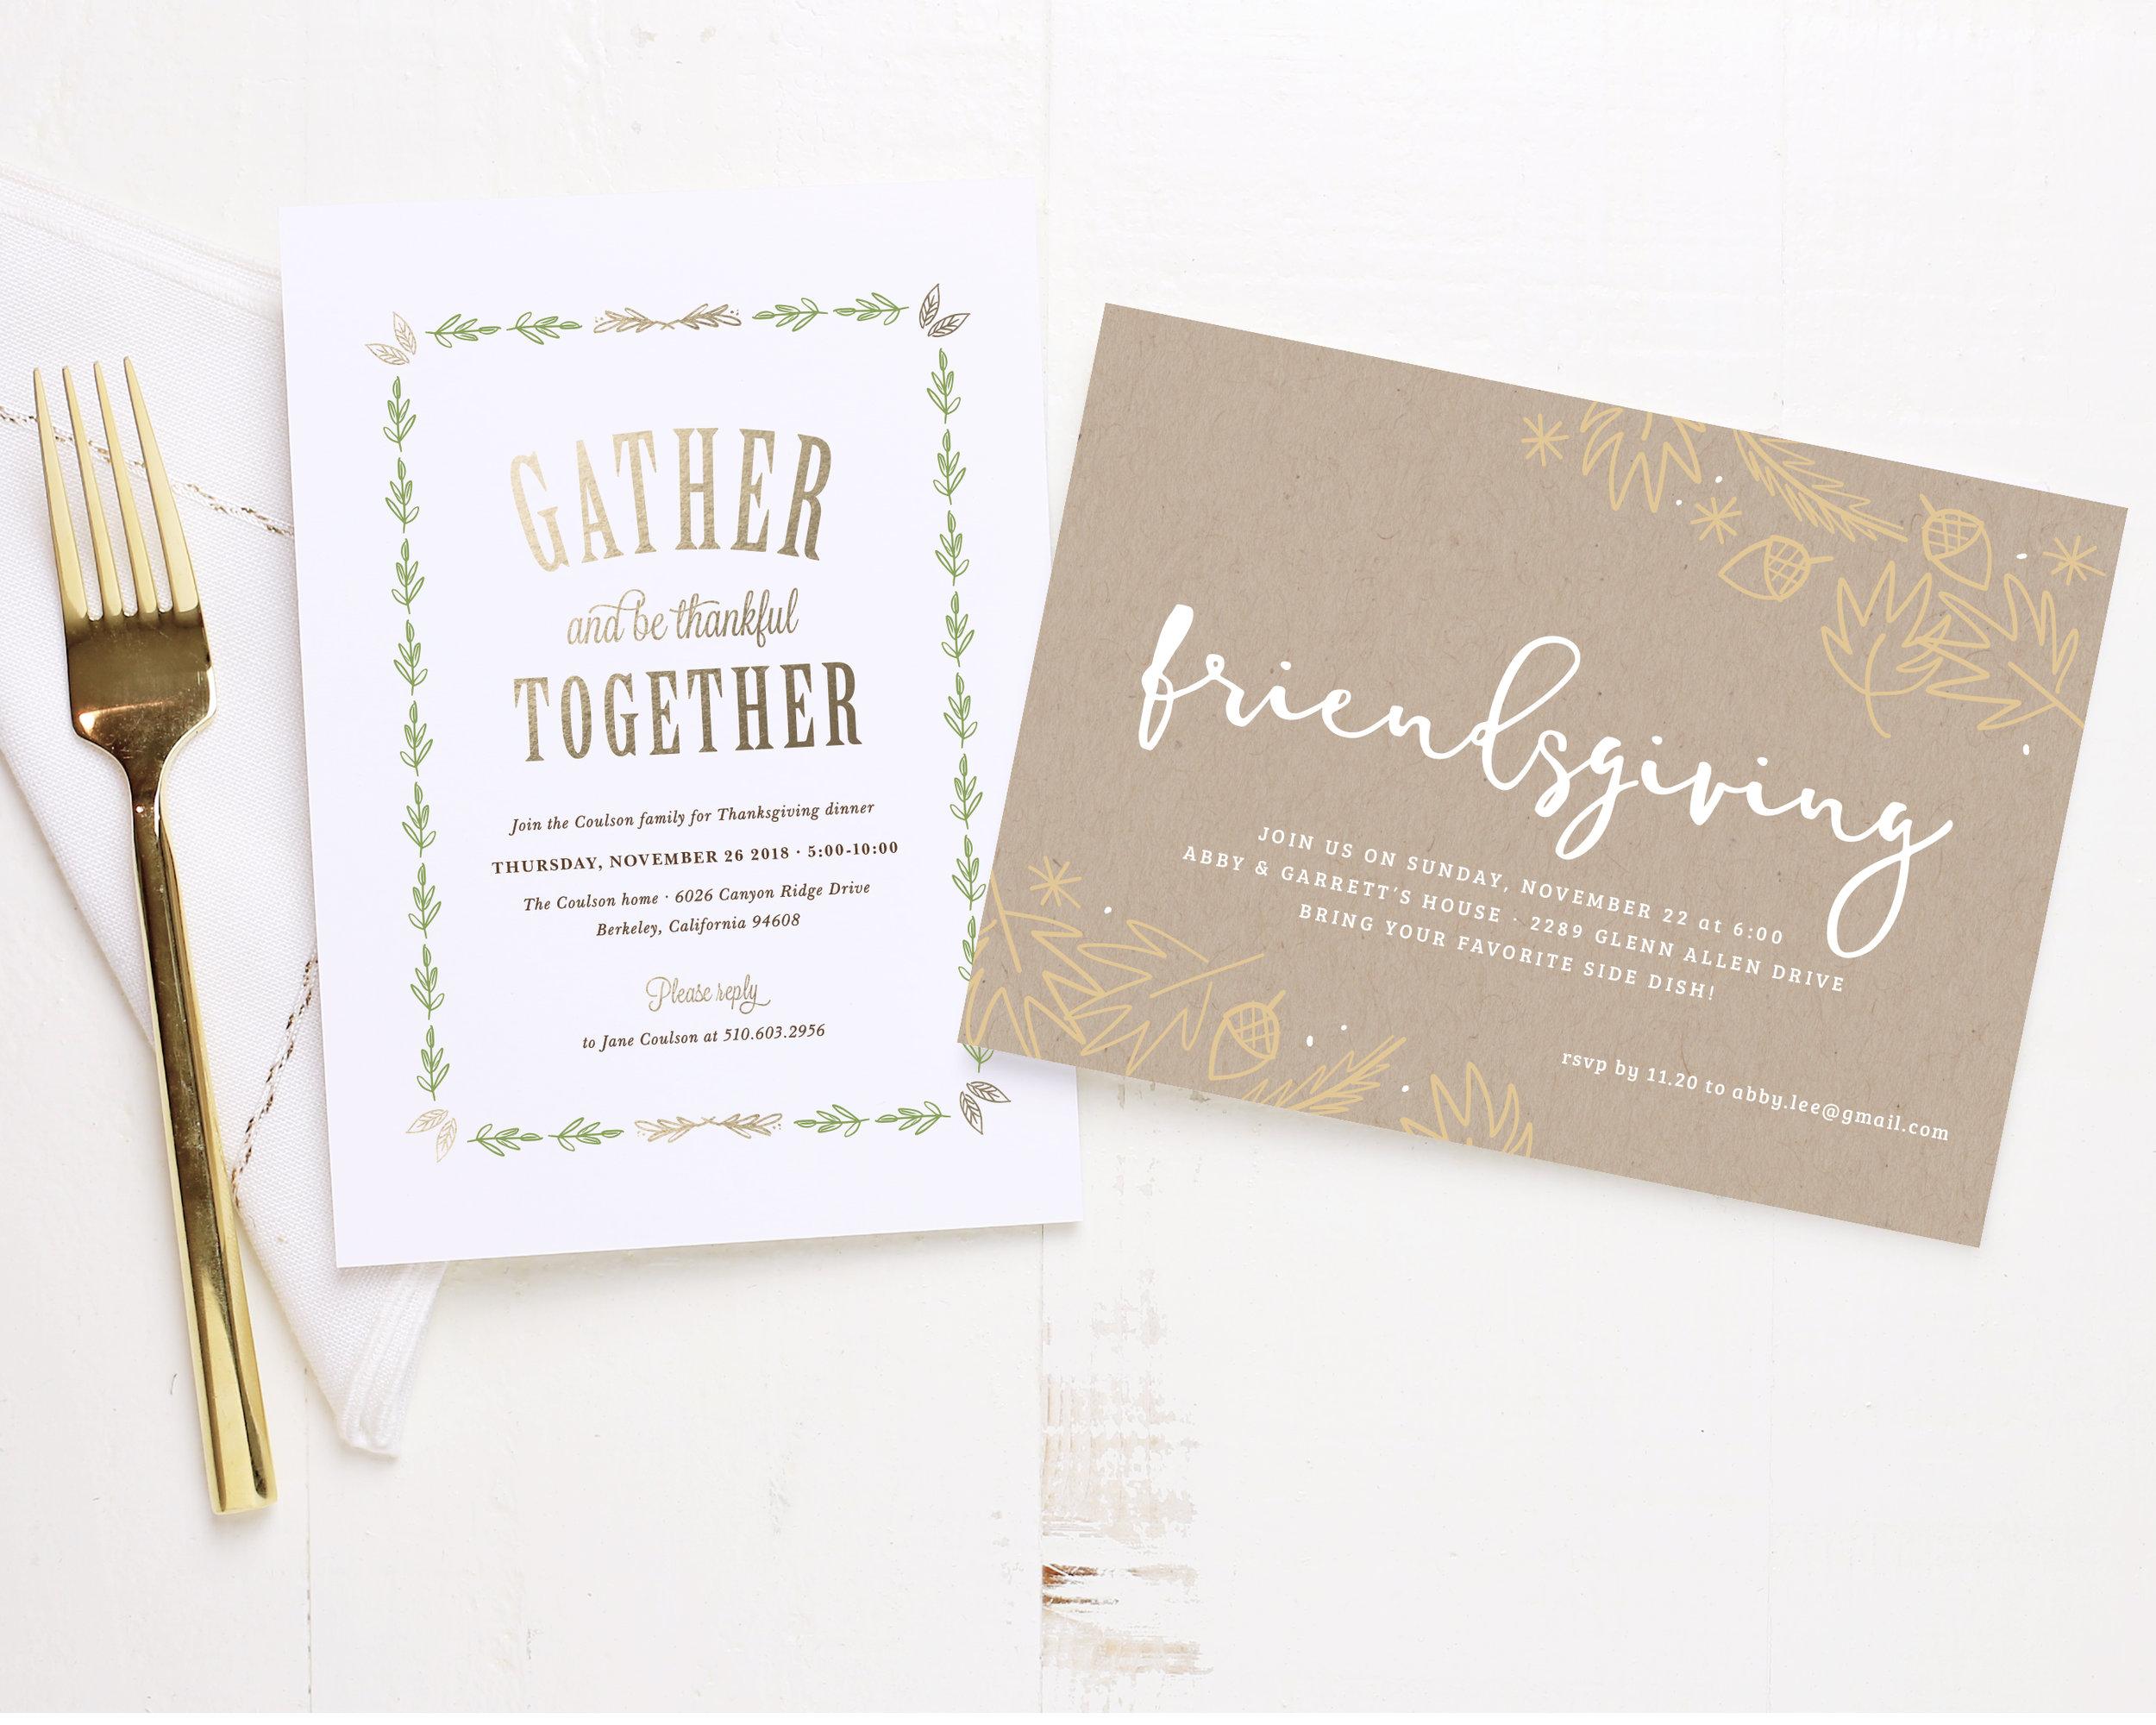 Friendsgiving Invitation- Basic Invite